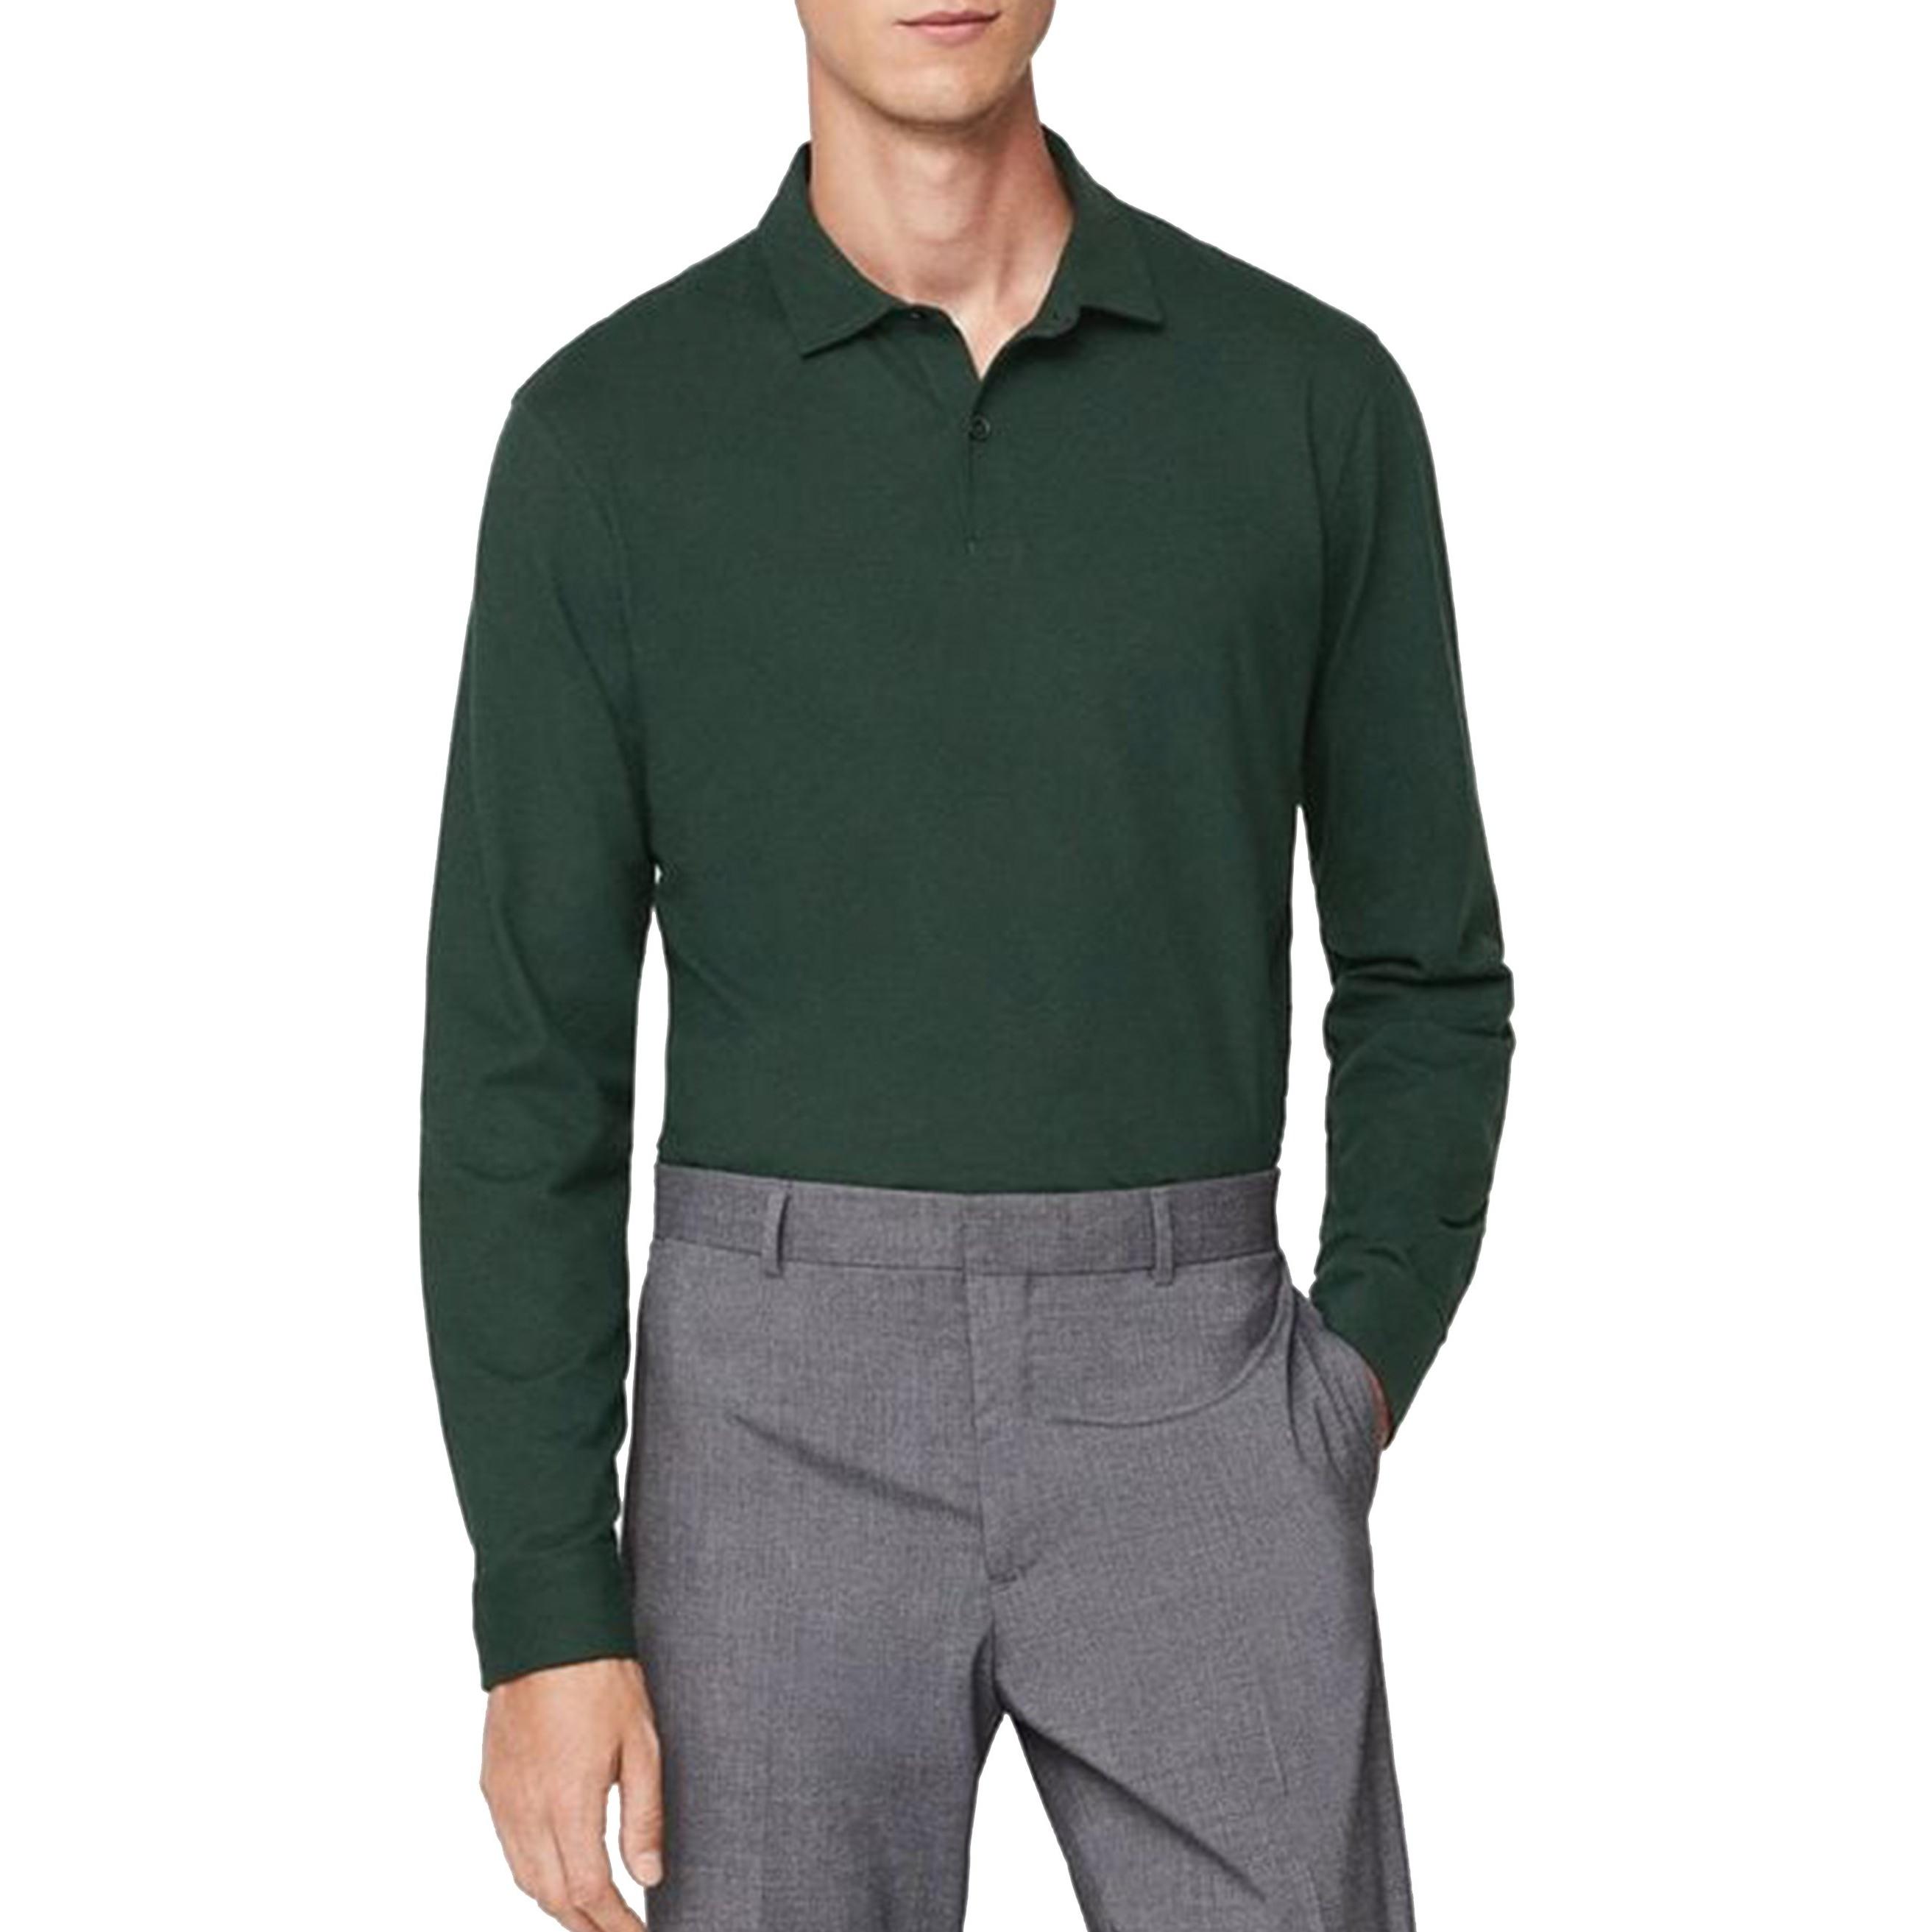 پولوشرت نخی آستین بلند مردانه - مانگو - سبز - 1